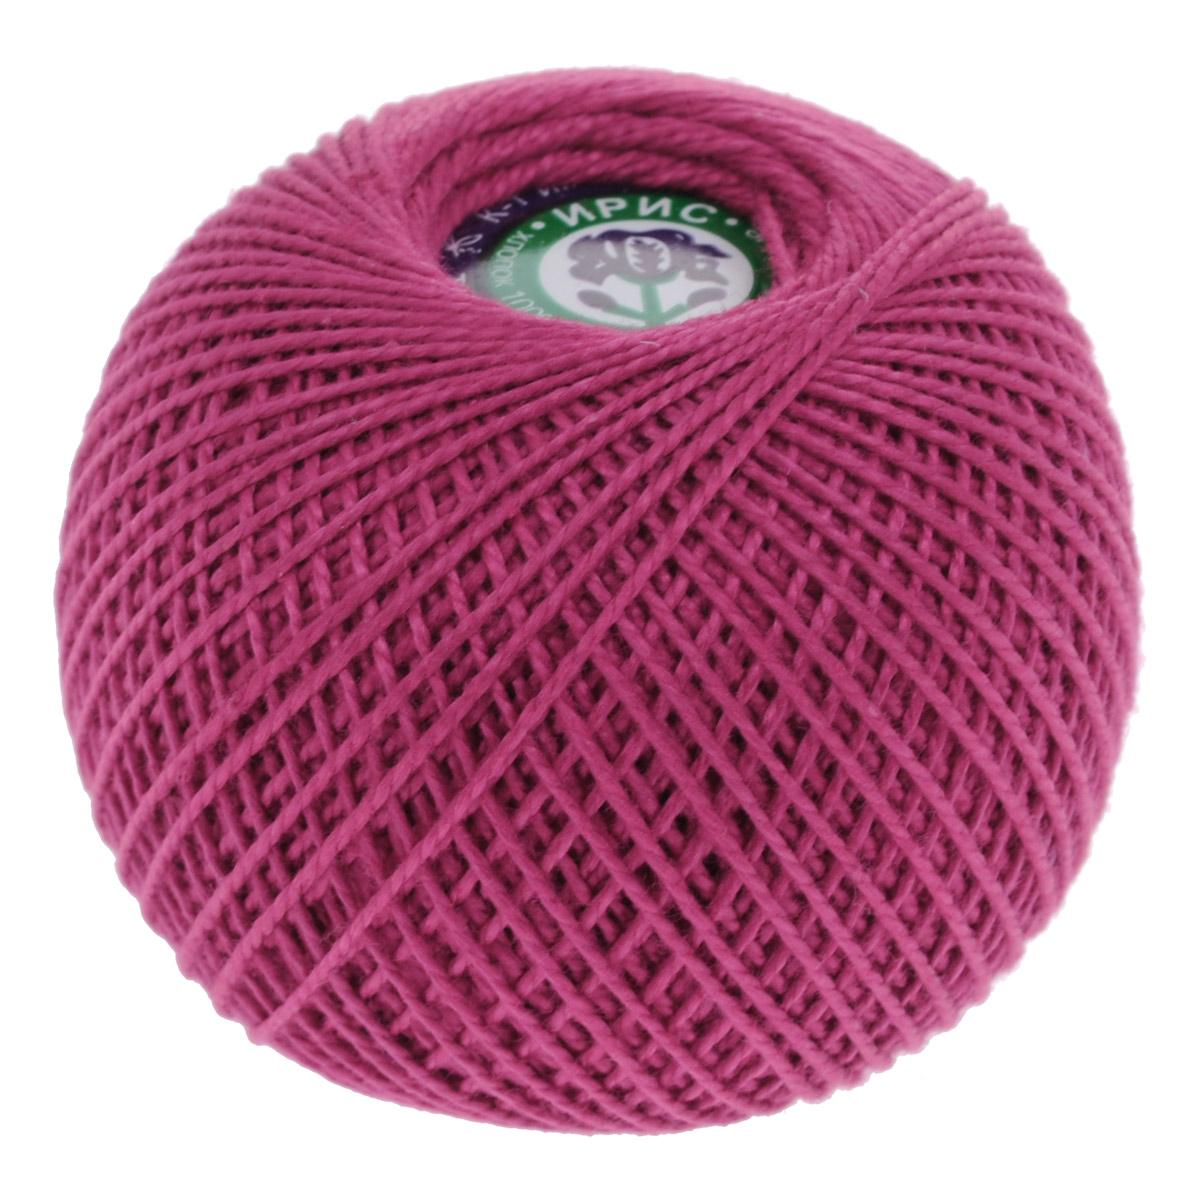 Нитки вязальные Ирис, хлопчатобумажные, цвет: розово-золотой (1506), 150 м, 25 г, 6 шт0211101983778Вязальные нитки в два сложения Ирис изготовлены из 100% хлопка. Такие нитки используются для вязания крючком. Нити крученые, мерсеризованные. Окраска устойчива, особо прочная. В наборе - 6 клубков. С их помощью вы сможете связать своими руками необычные и красивые вещи. Состав: 100% хлопок. Количество сложений: 2. Линейная плотность: 167 текс. Вес: 25 г. Длина нити: 150 м.